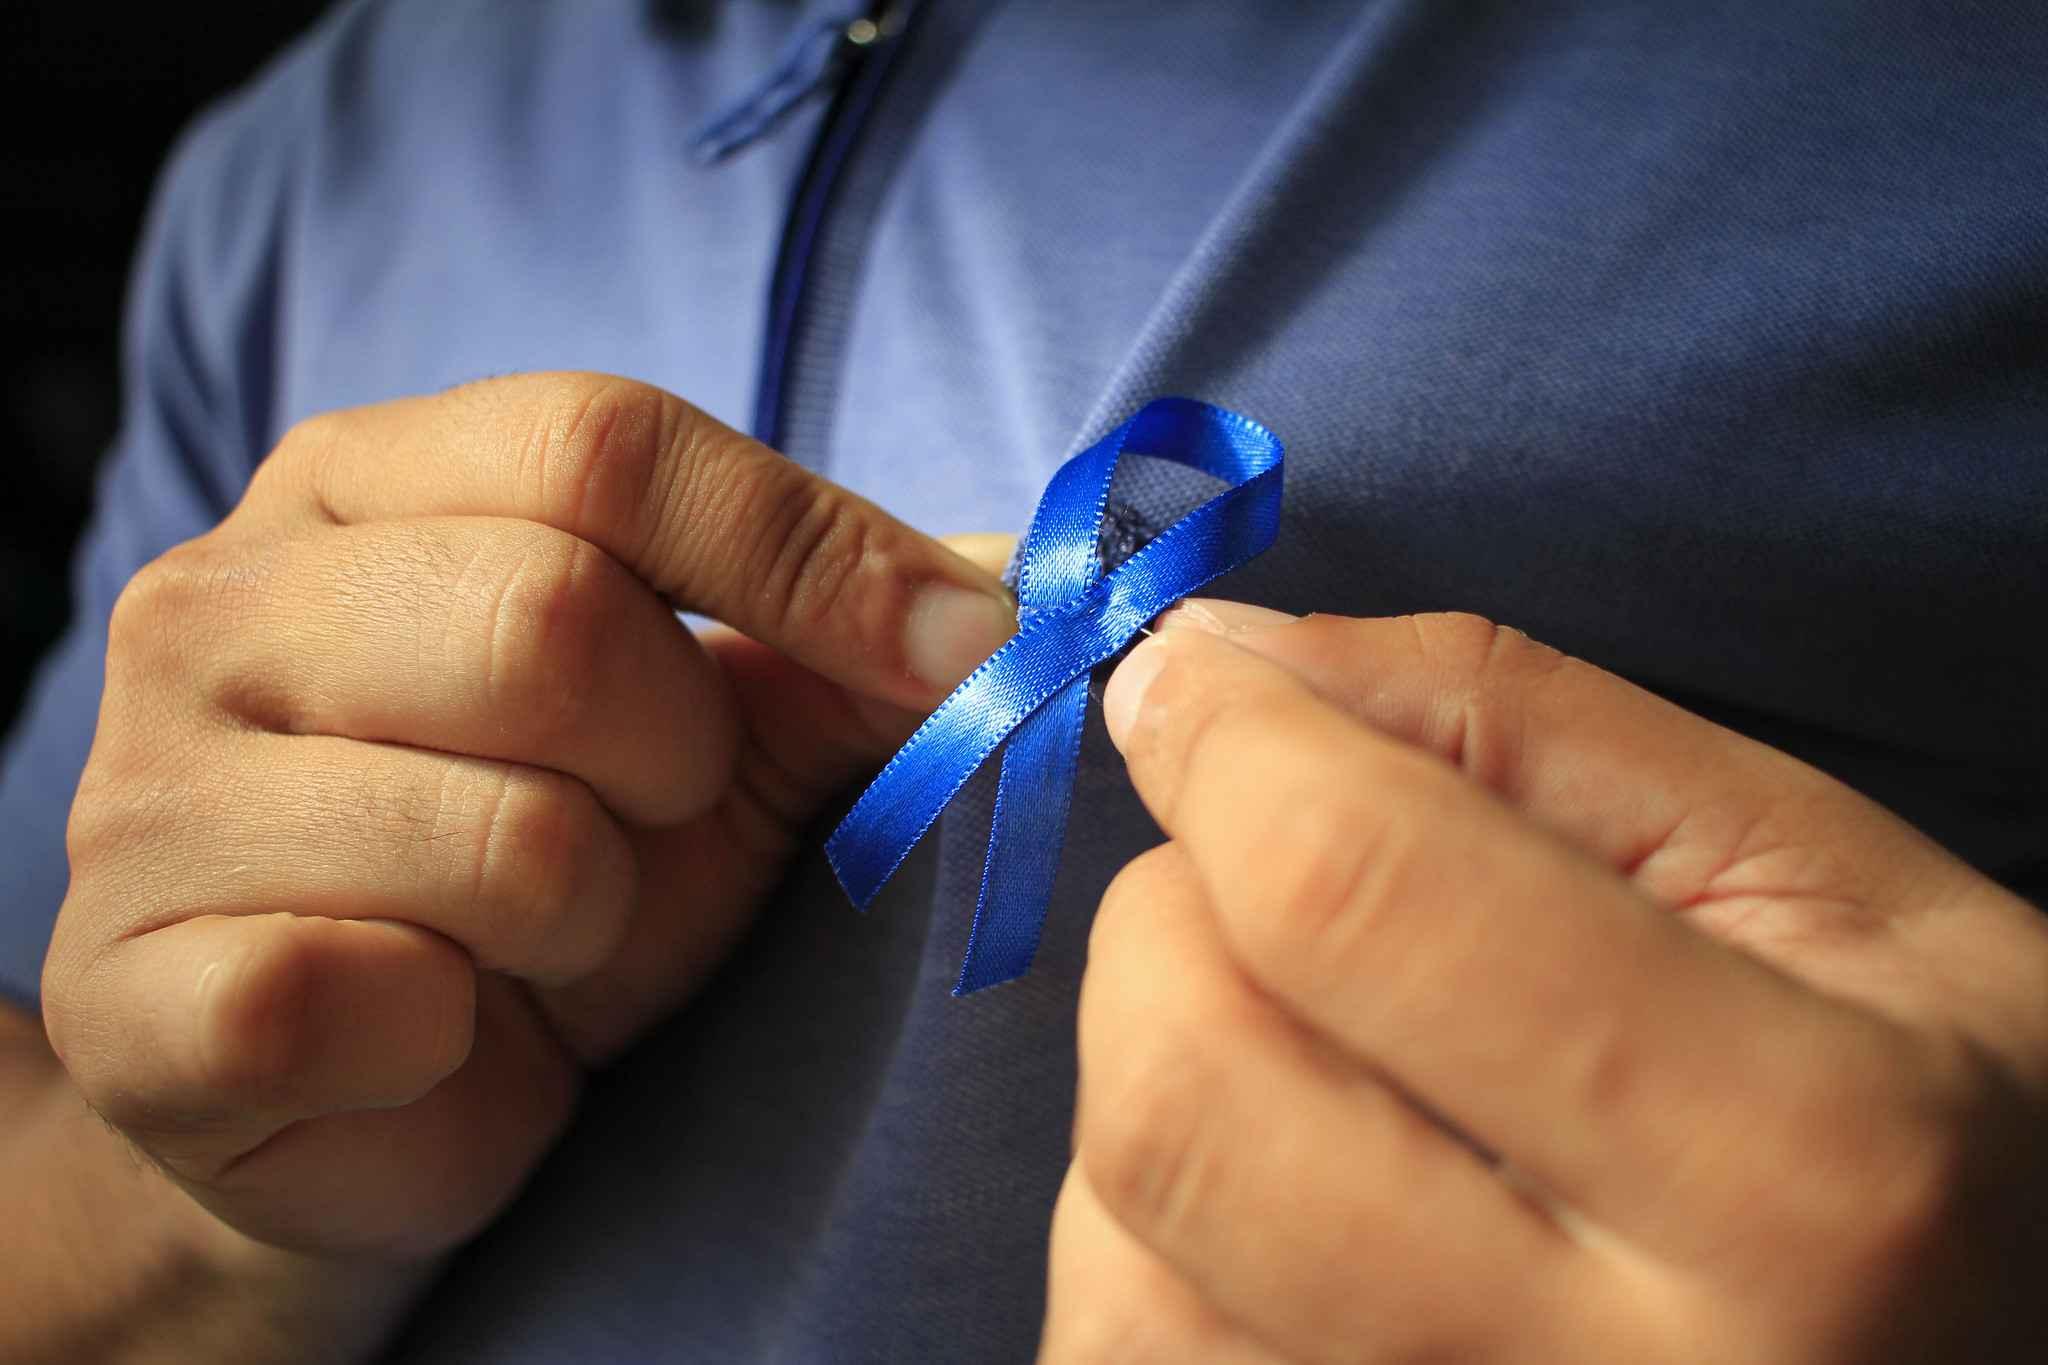 O mês de novembro é simbolicamente colorido com a cor azul para a prevenção do câncer de próstata.